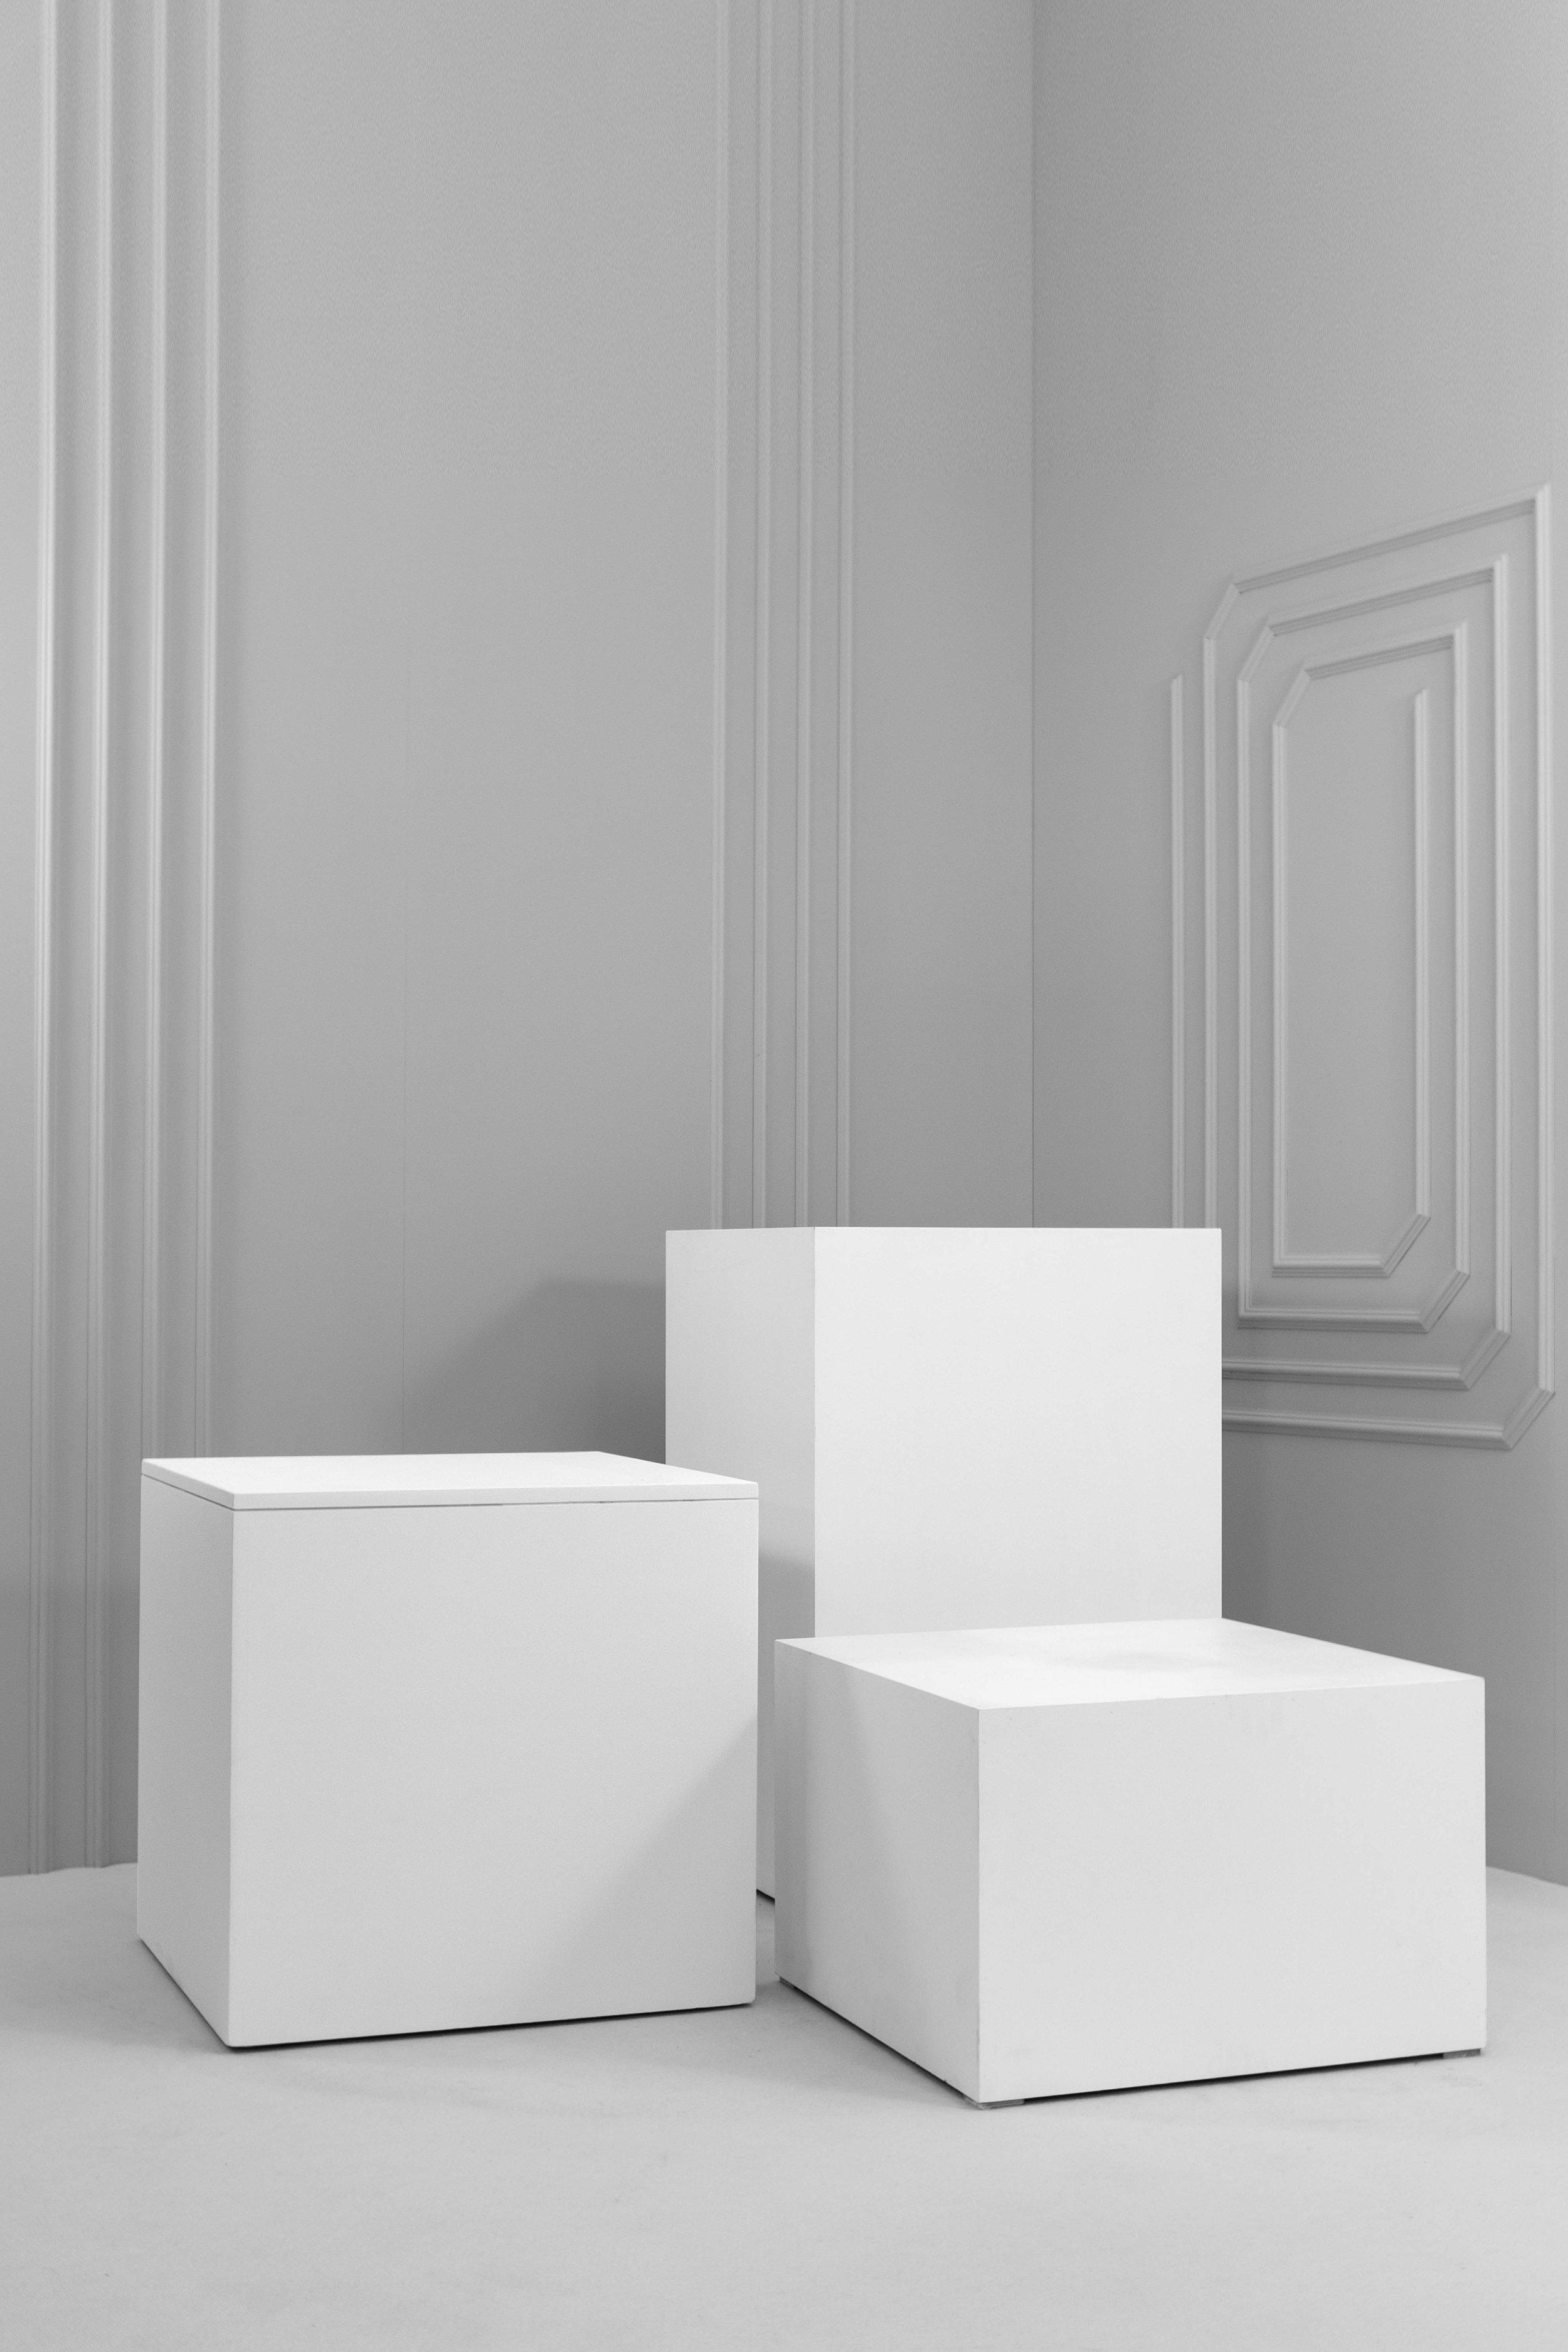 Large Wooden Plinths